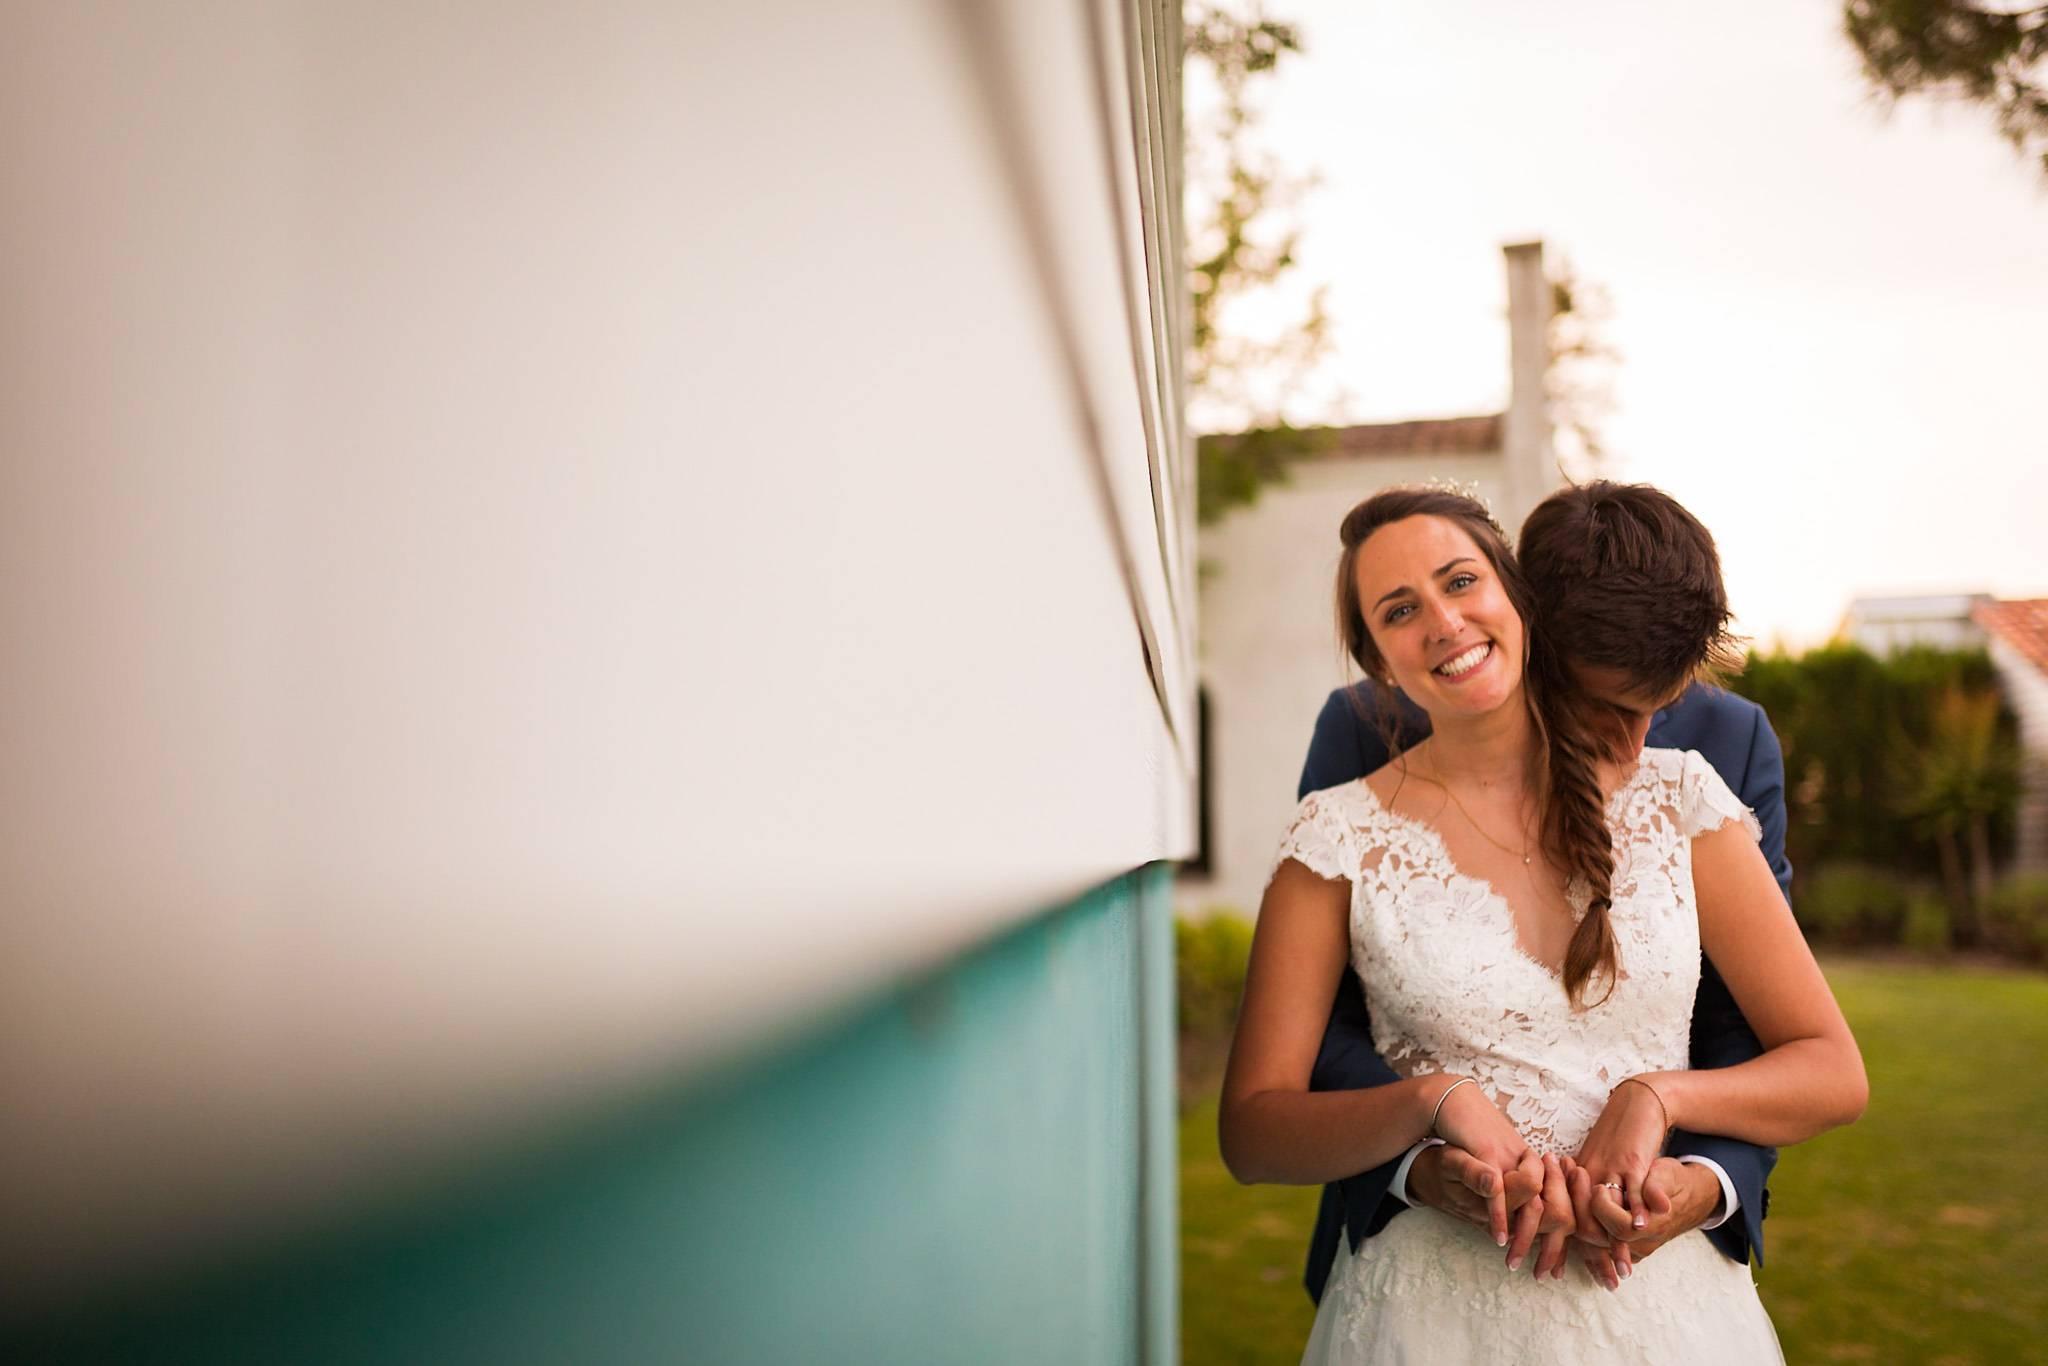 Reportage photos de mariage de Marine et Mathieu au Domaine de Larchey en Gironde. Photographe mariage Gironde.